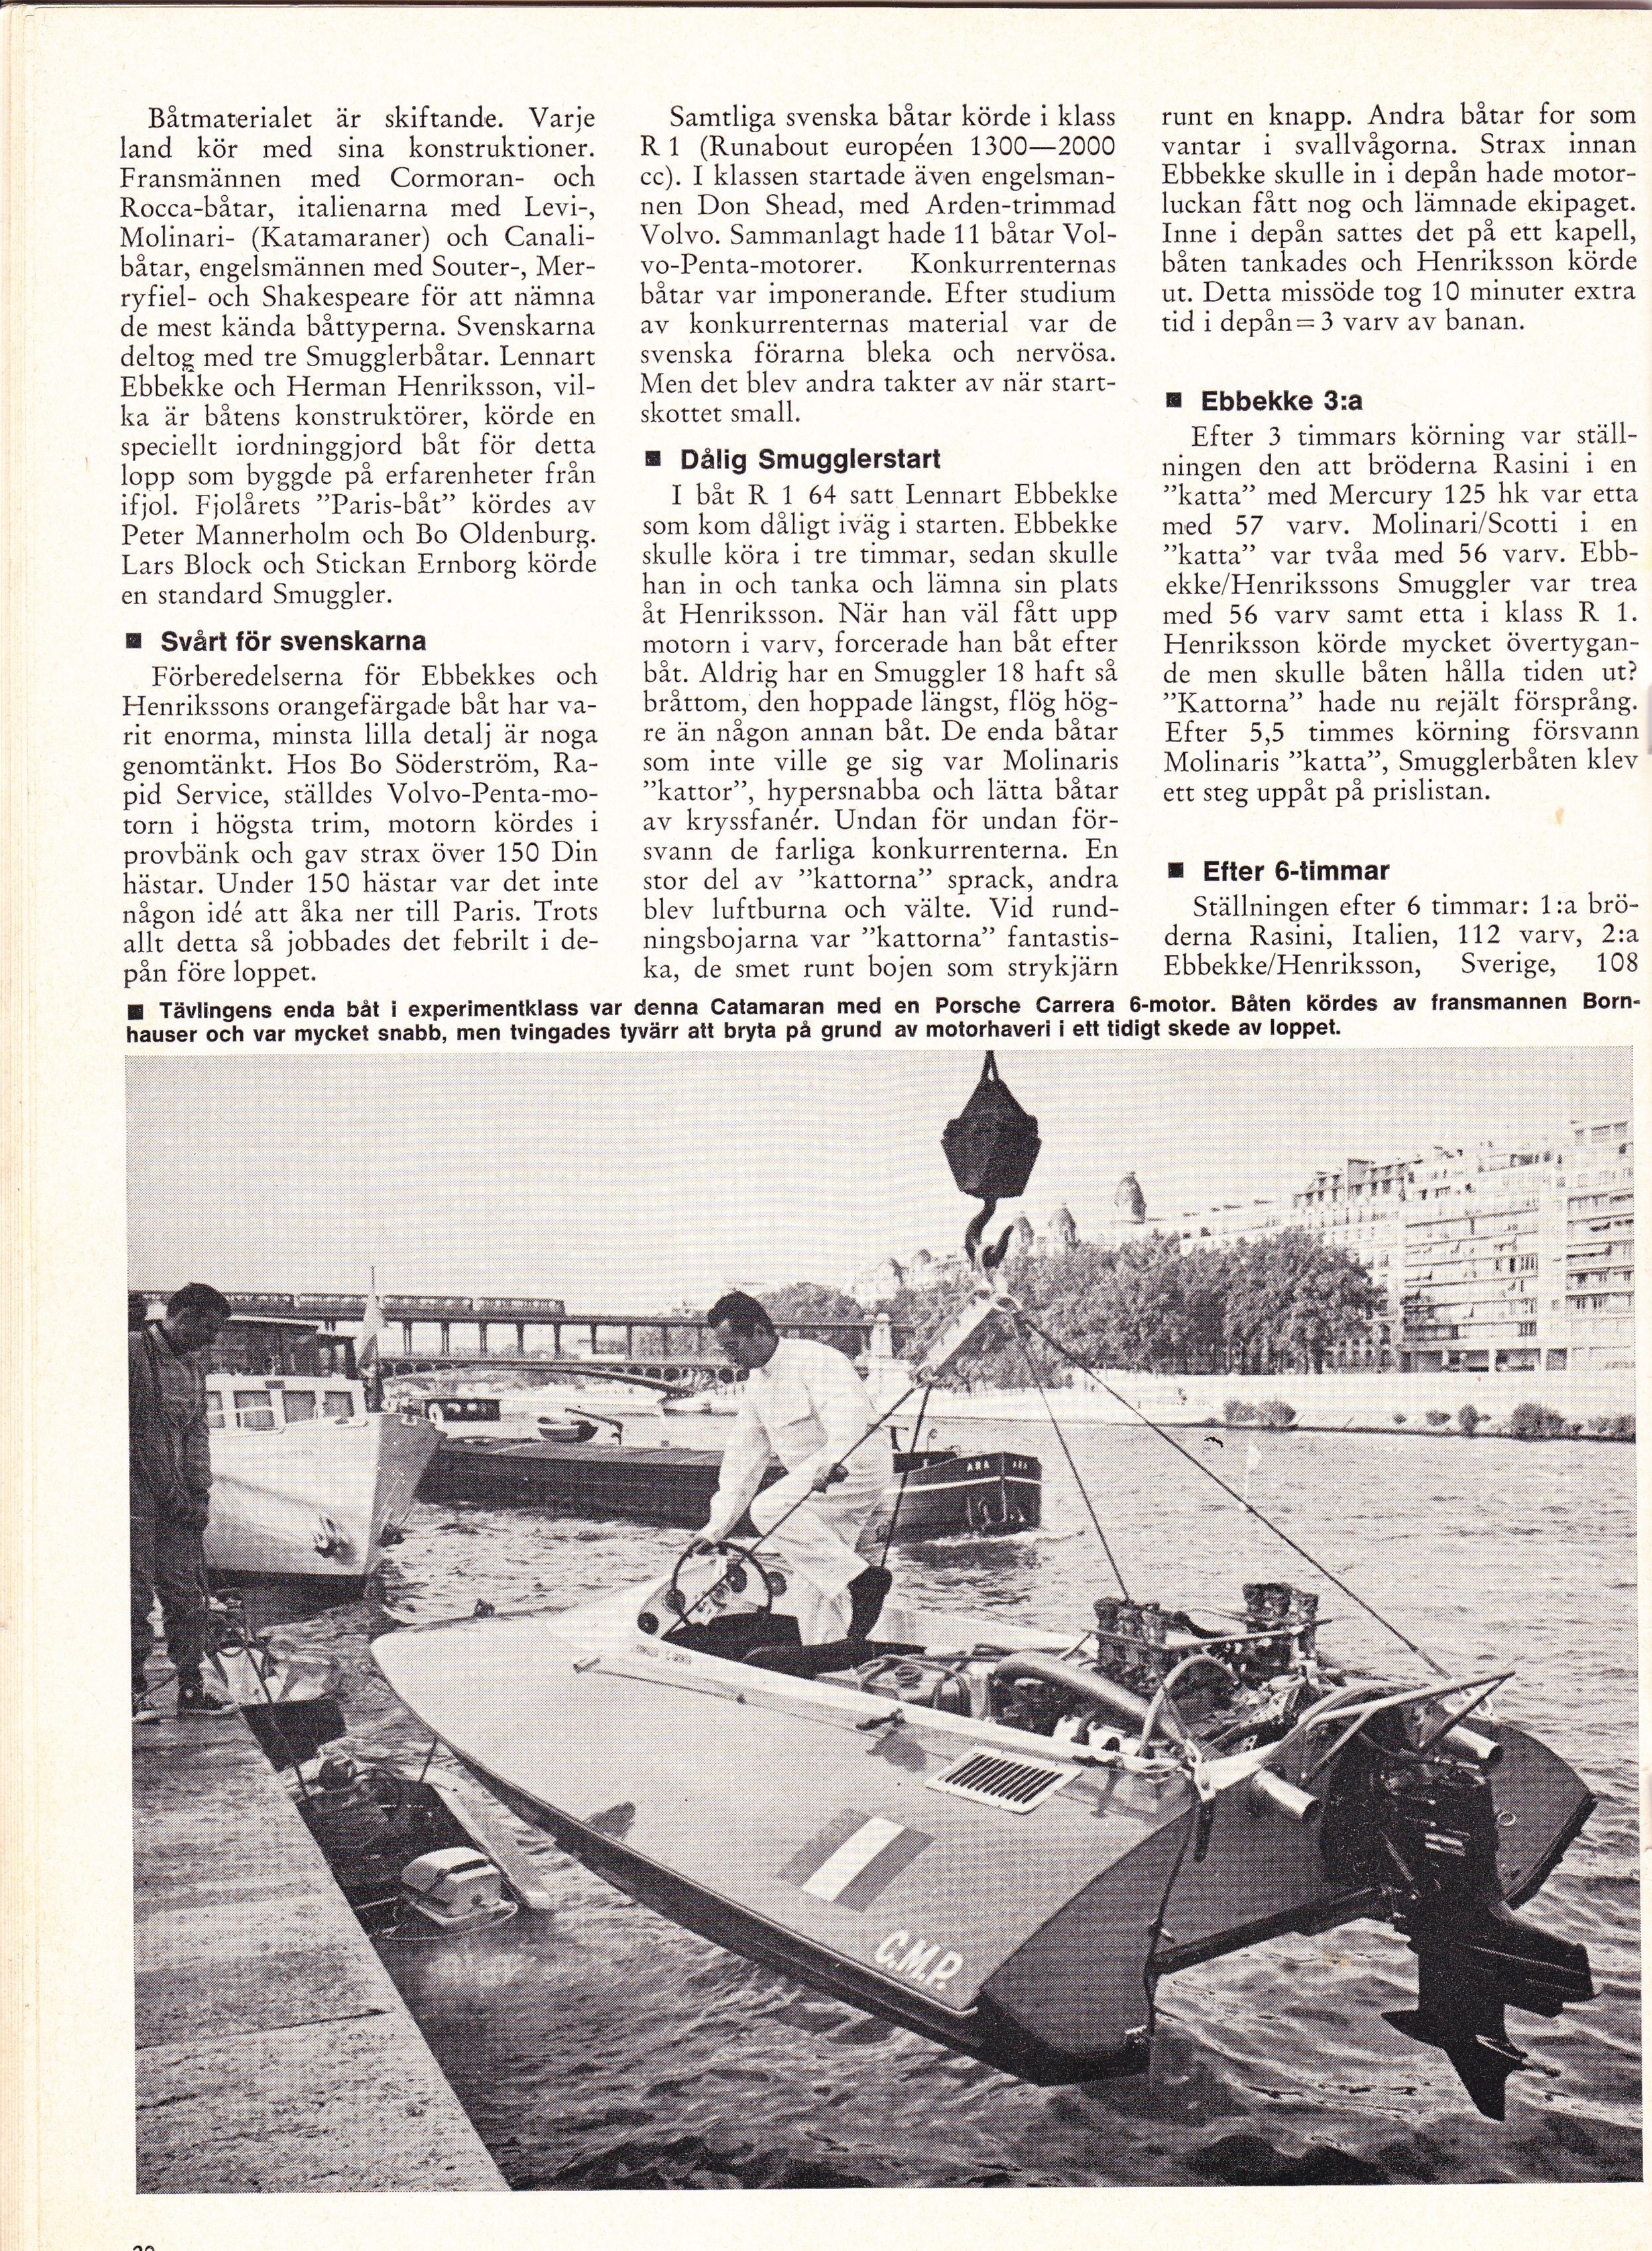 paris 1967 ebbekke3